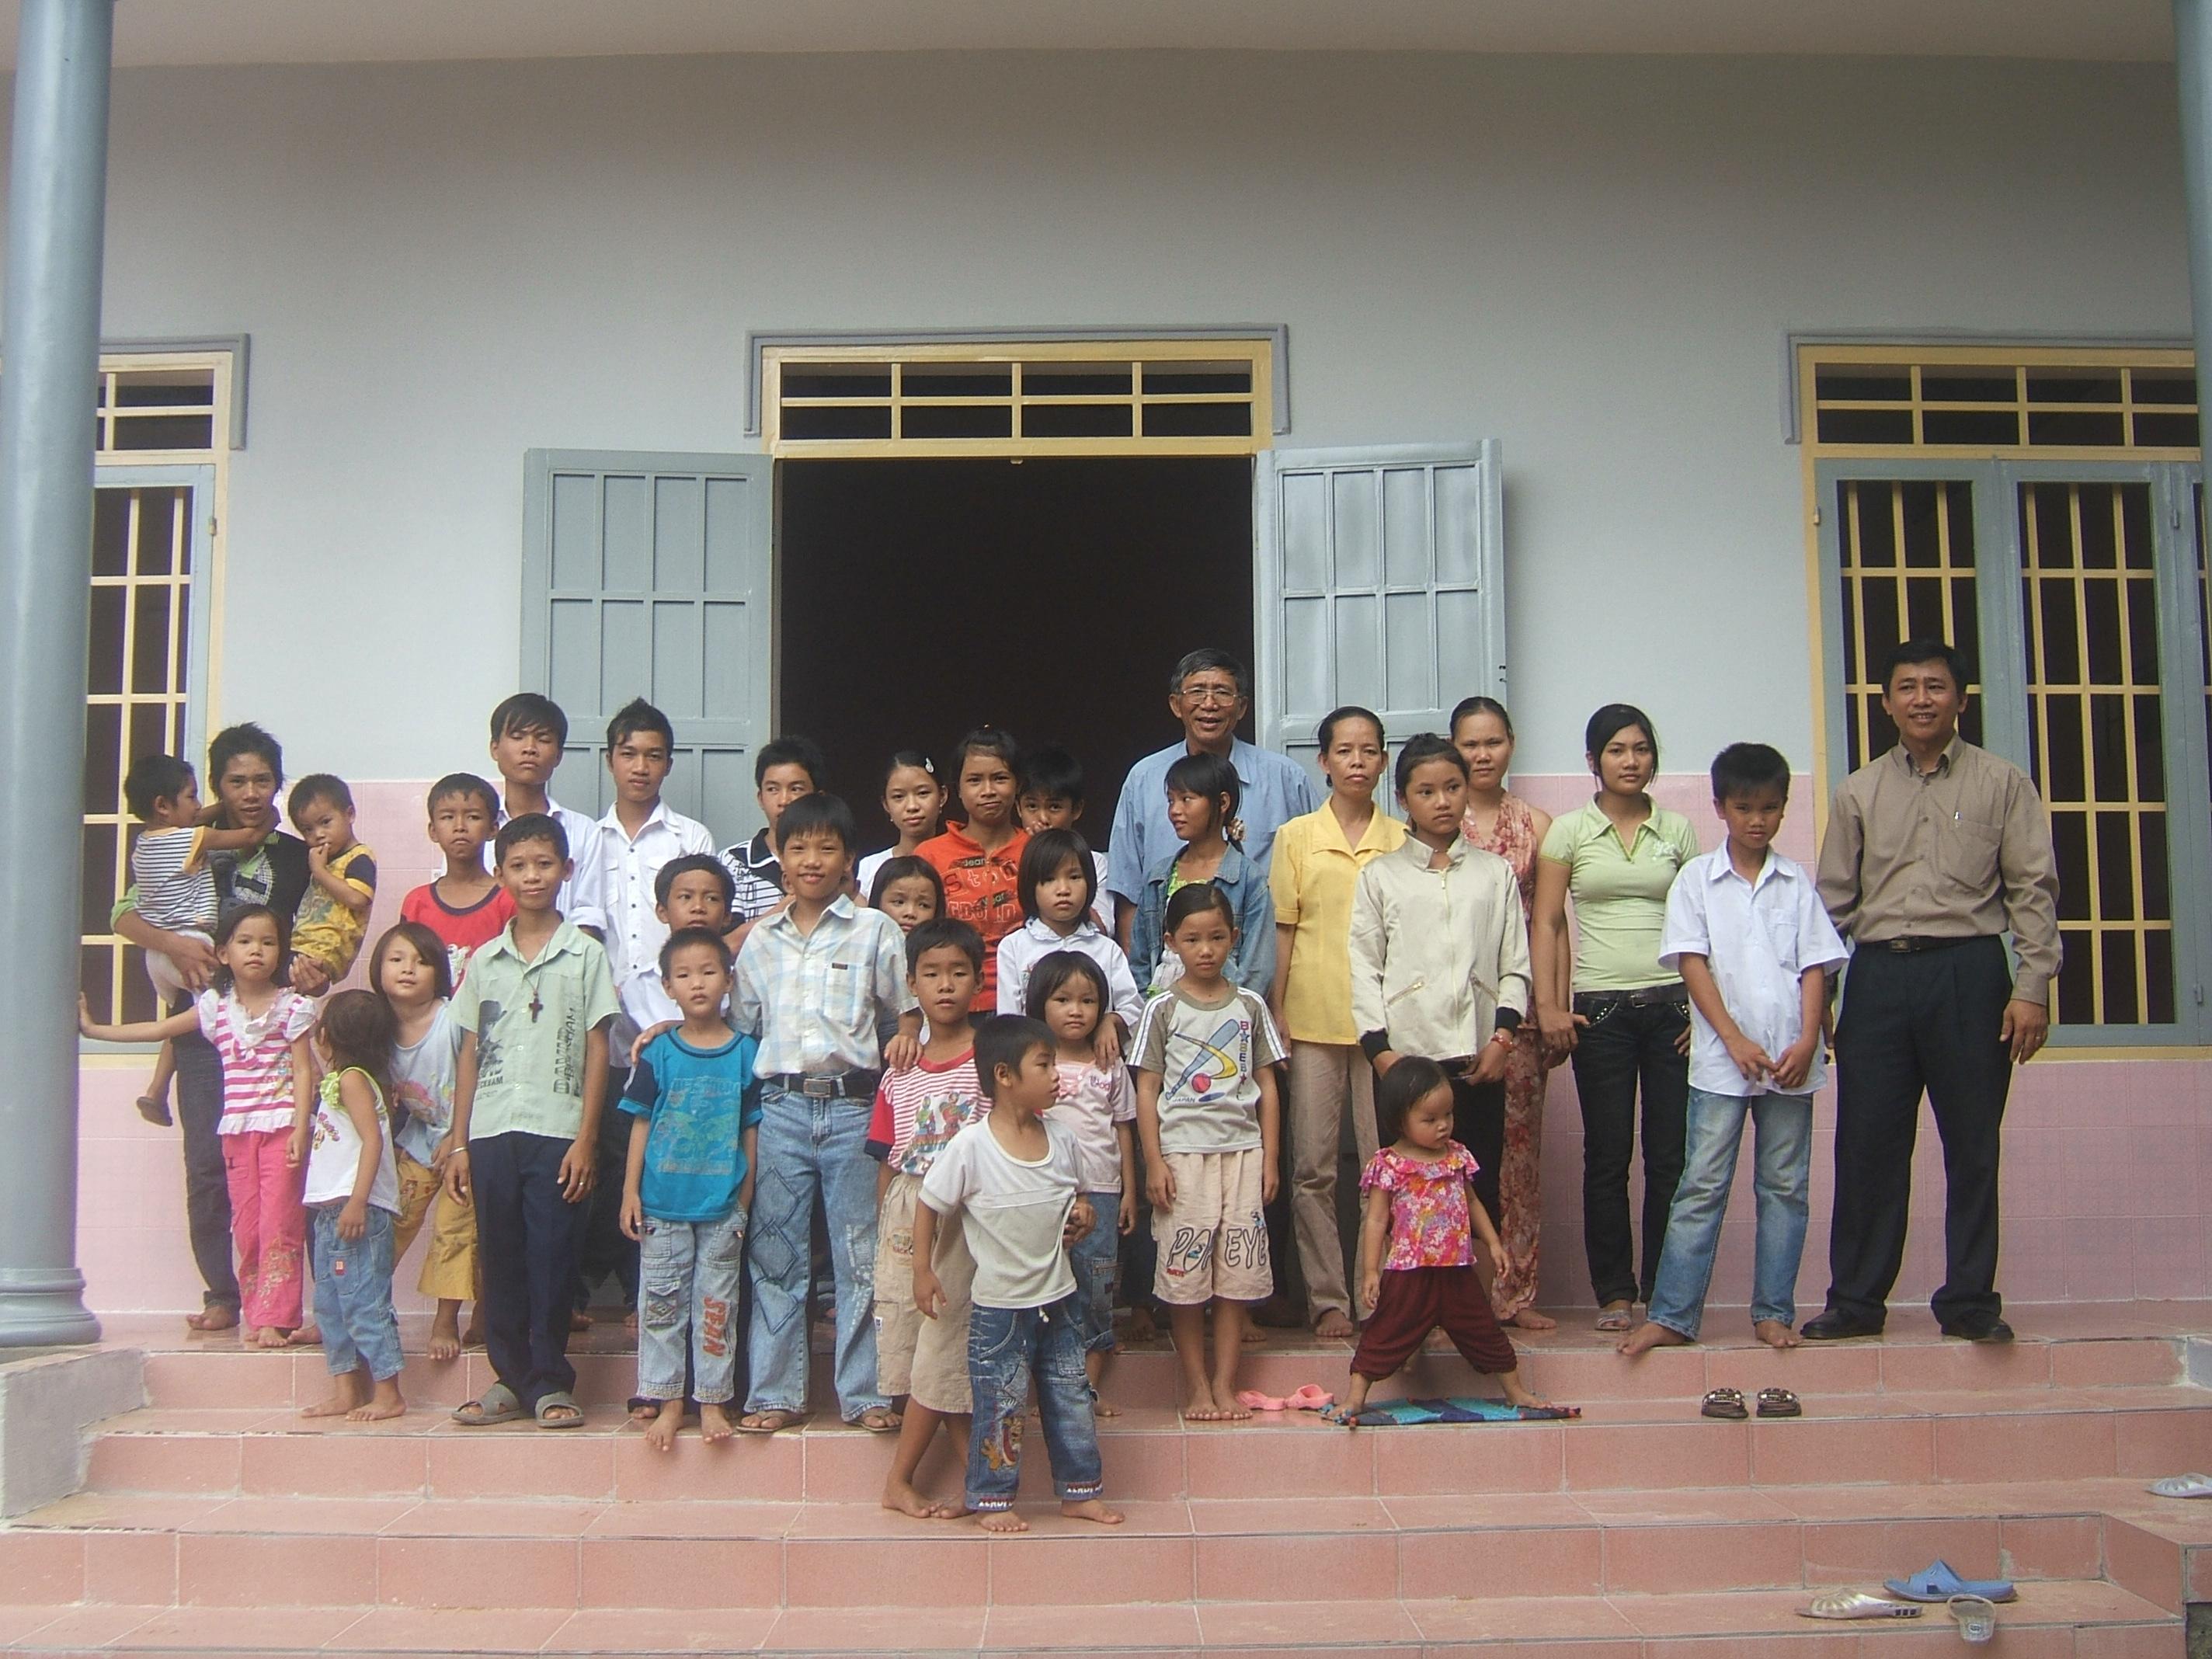 Mái ấm tình thương ở Bình Thuận. MS Châm phụ trách nơi này.